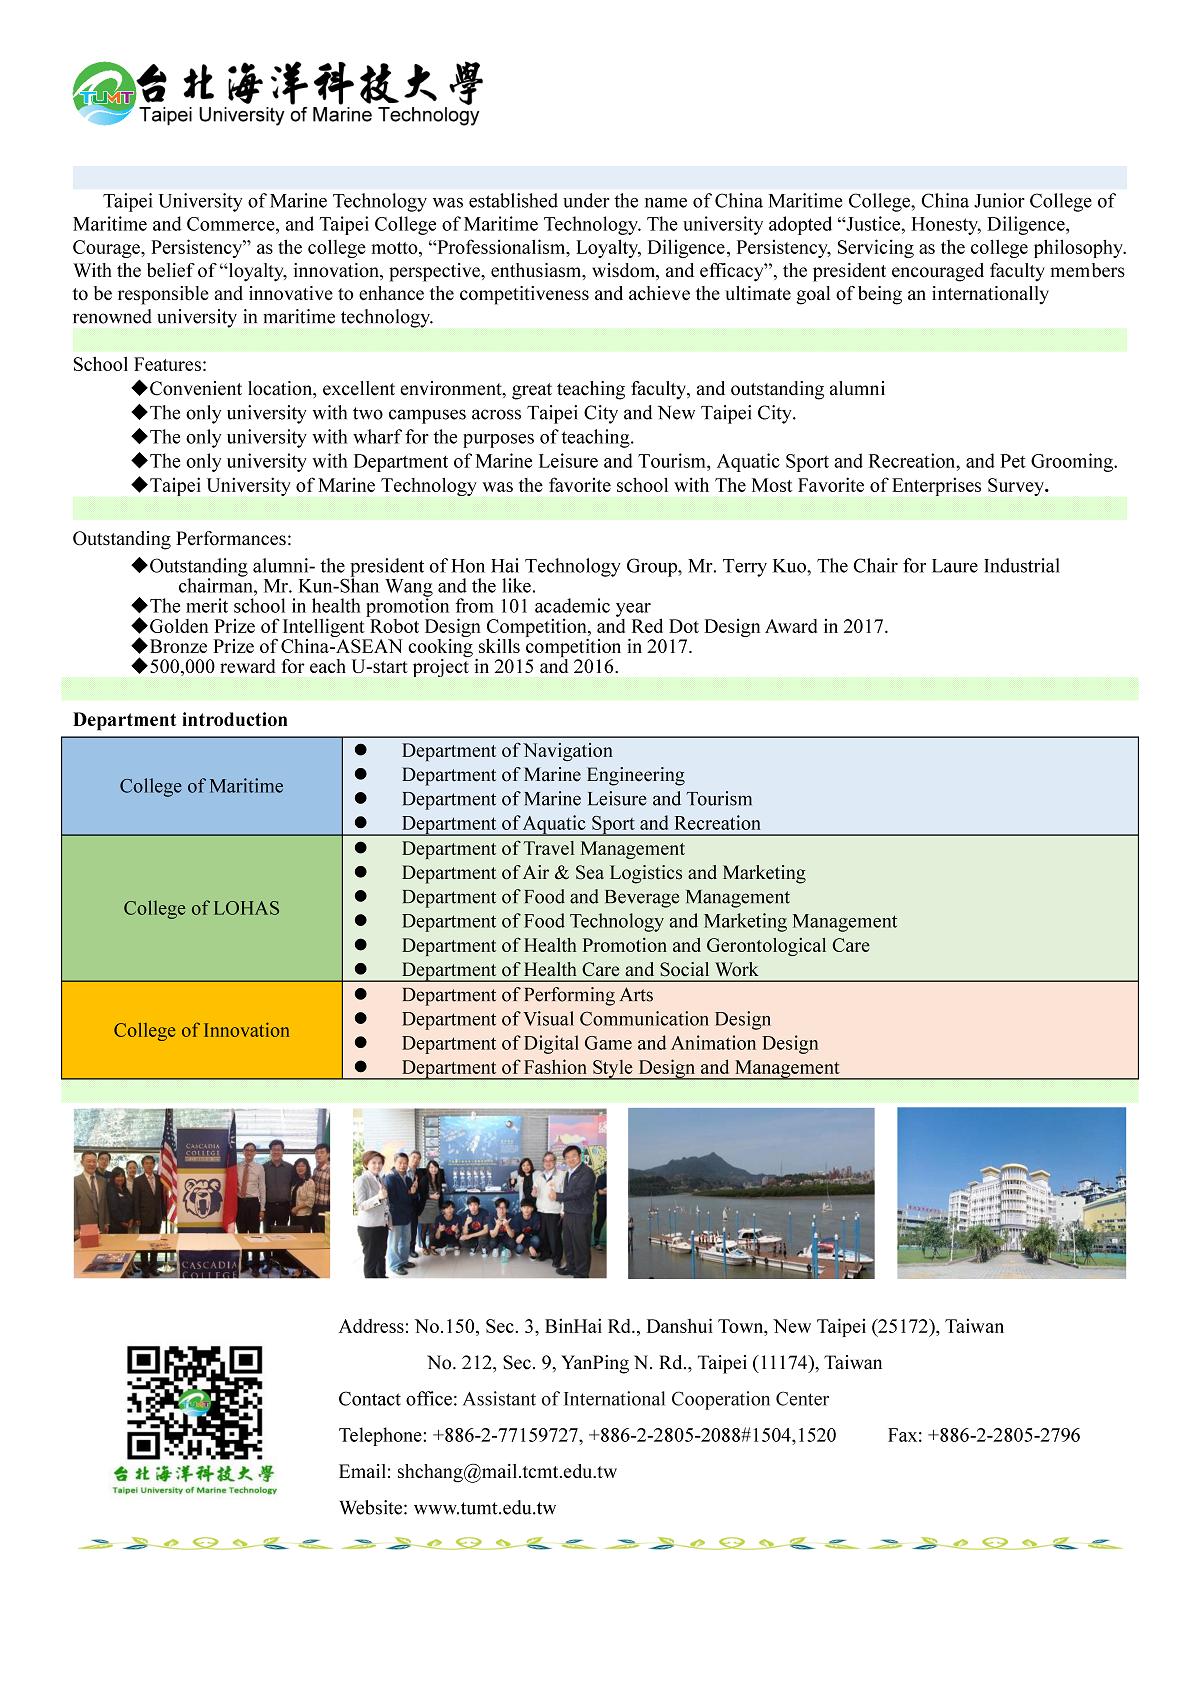 台北海洋科技大學Taipei University of Marine Technology.